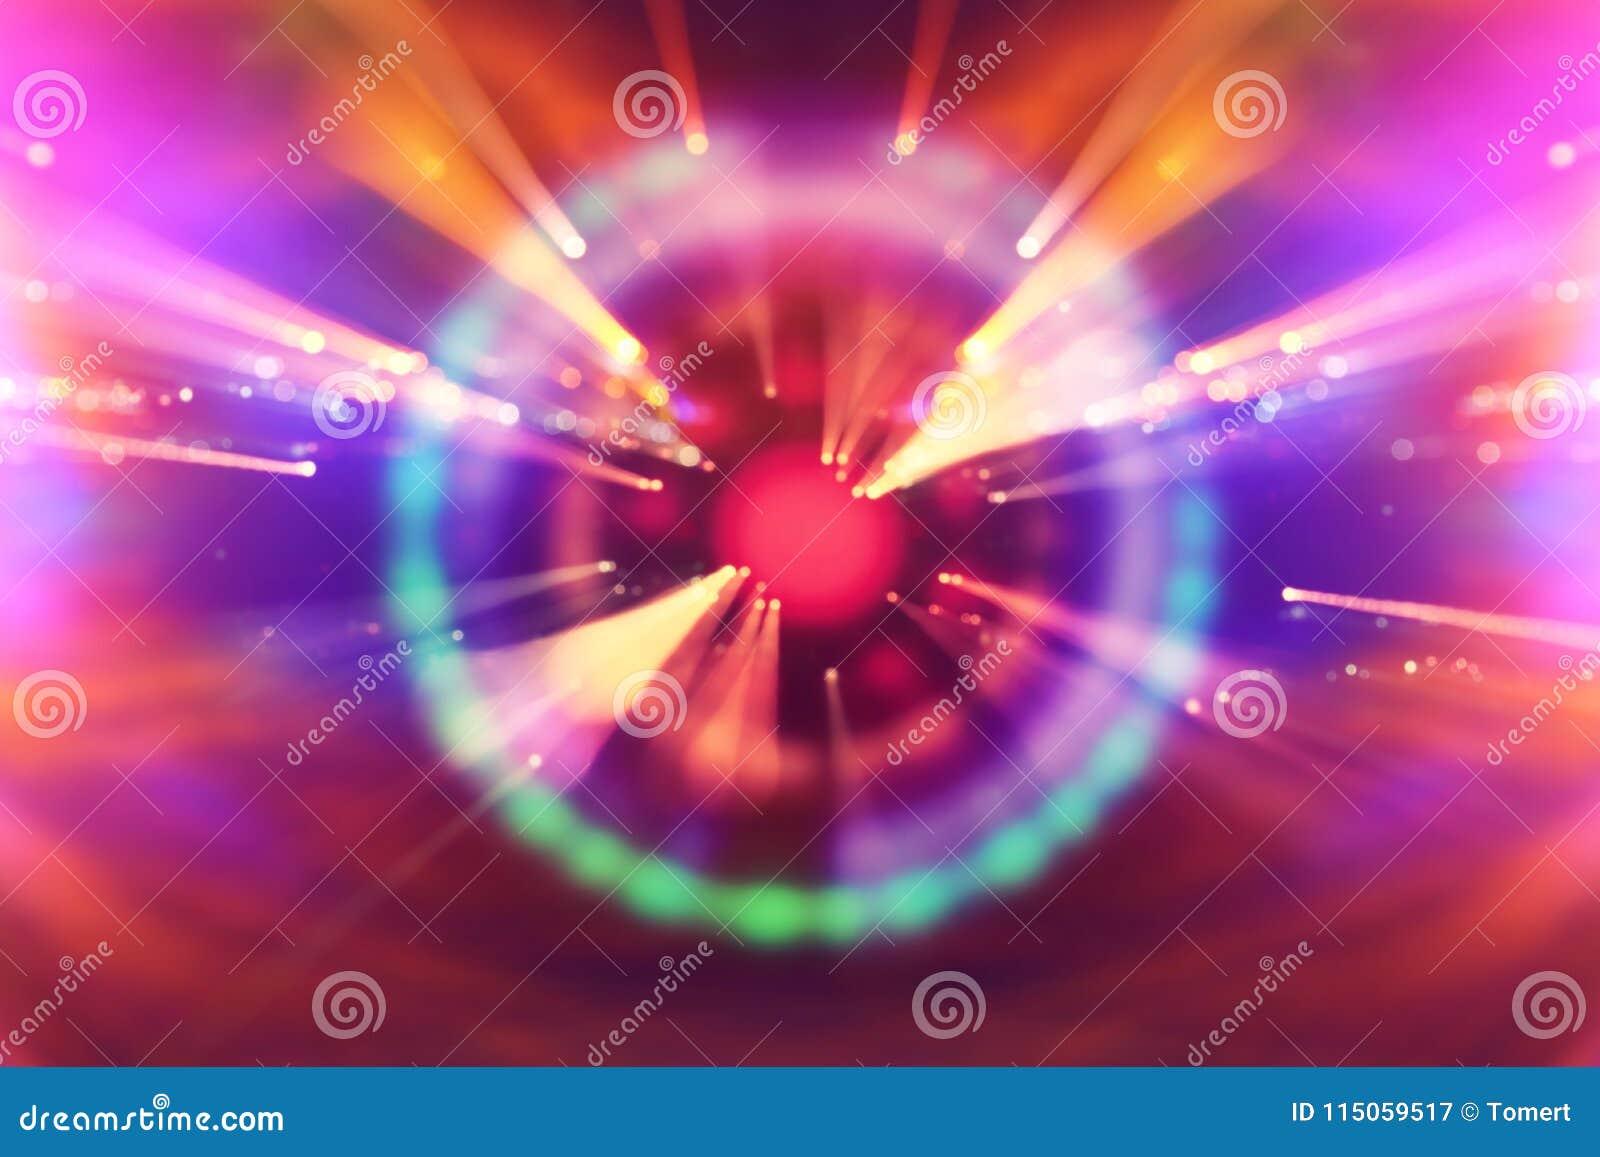 Abstracte science fiction futuristische achtergrond Abstracte verlichtingsachtergronden voor uw ontwerp conceptenbeeld van ruimte